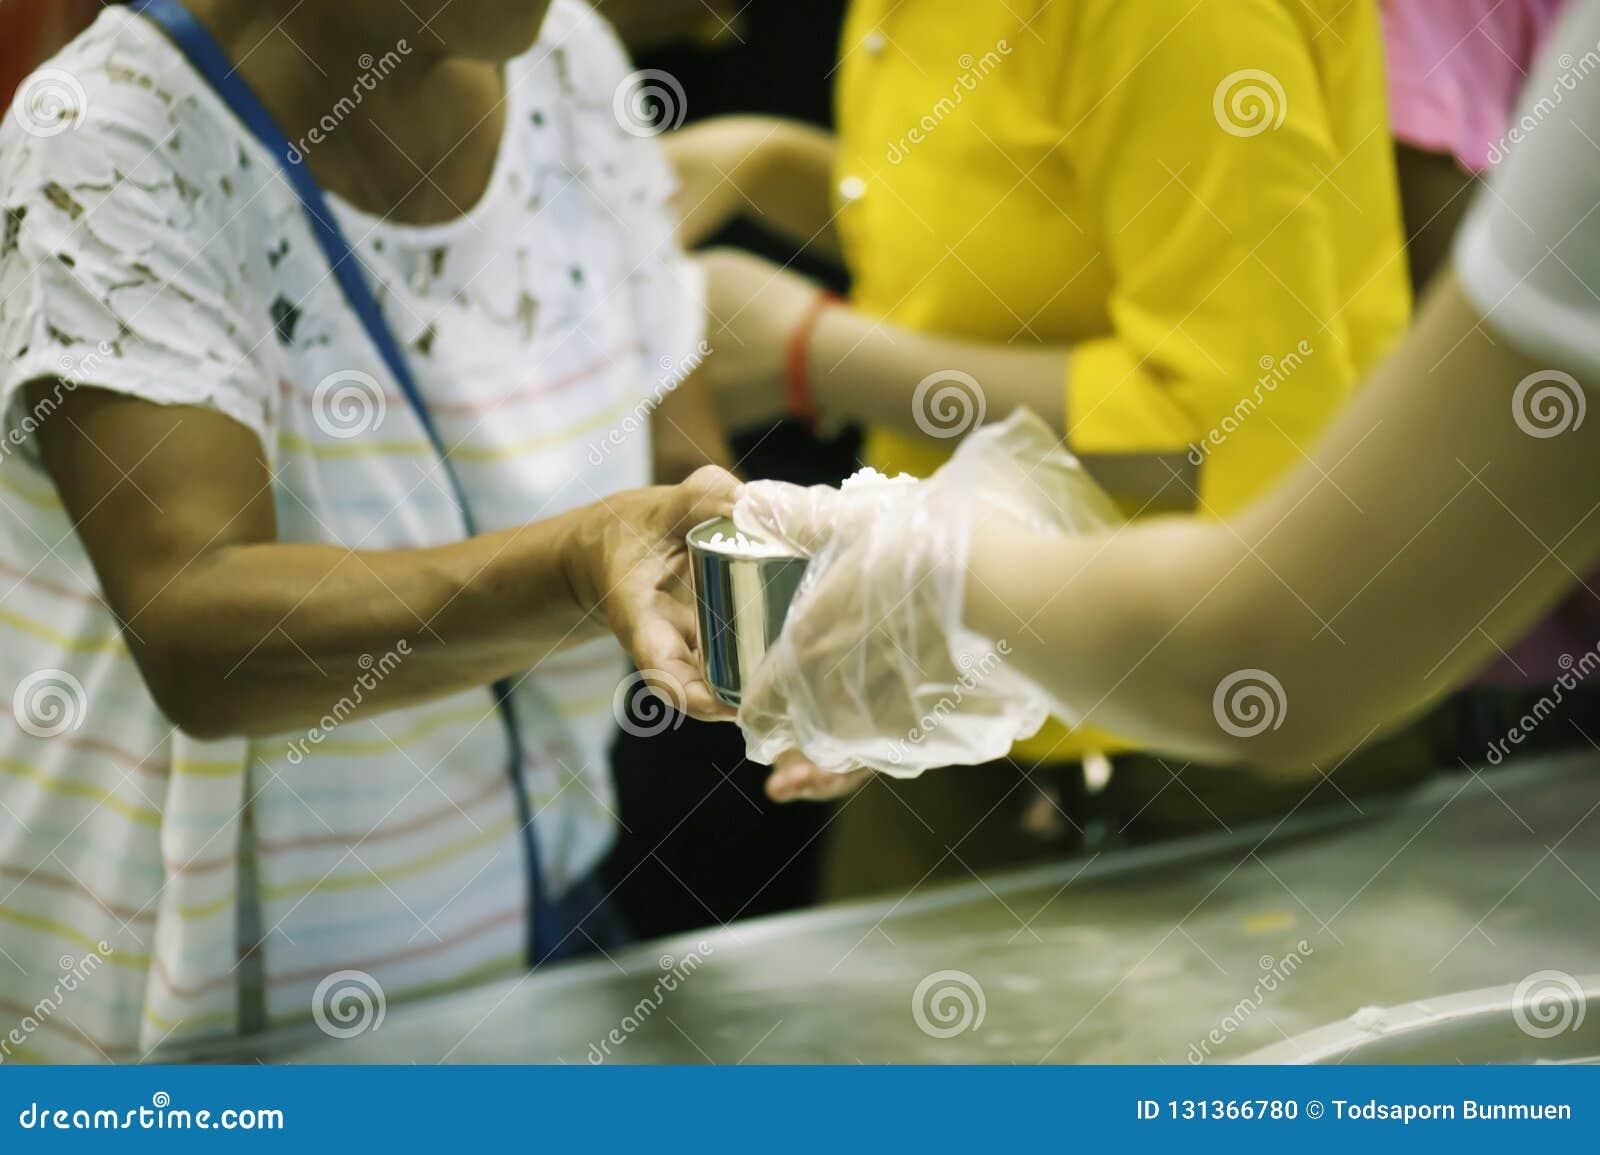 Helpend de armen in de maatschappij door voedsel te schenken: Het concept honger